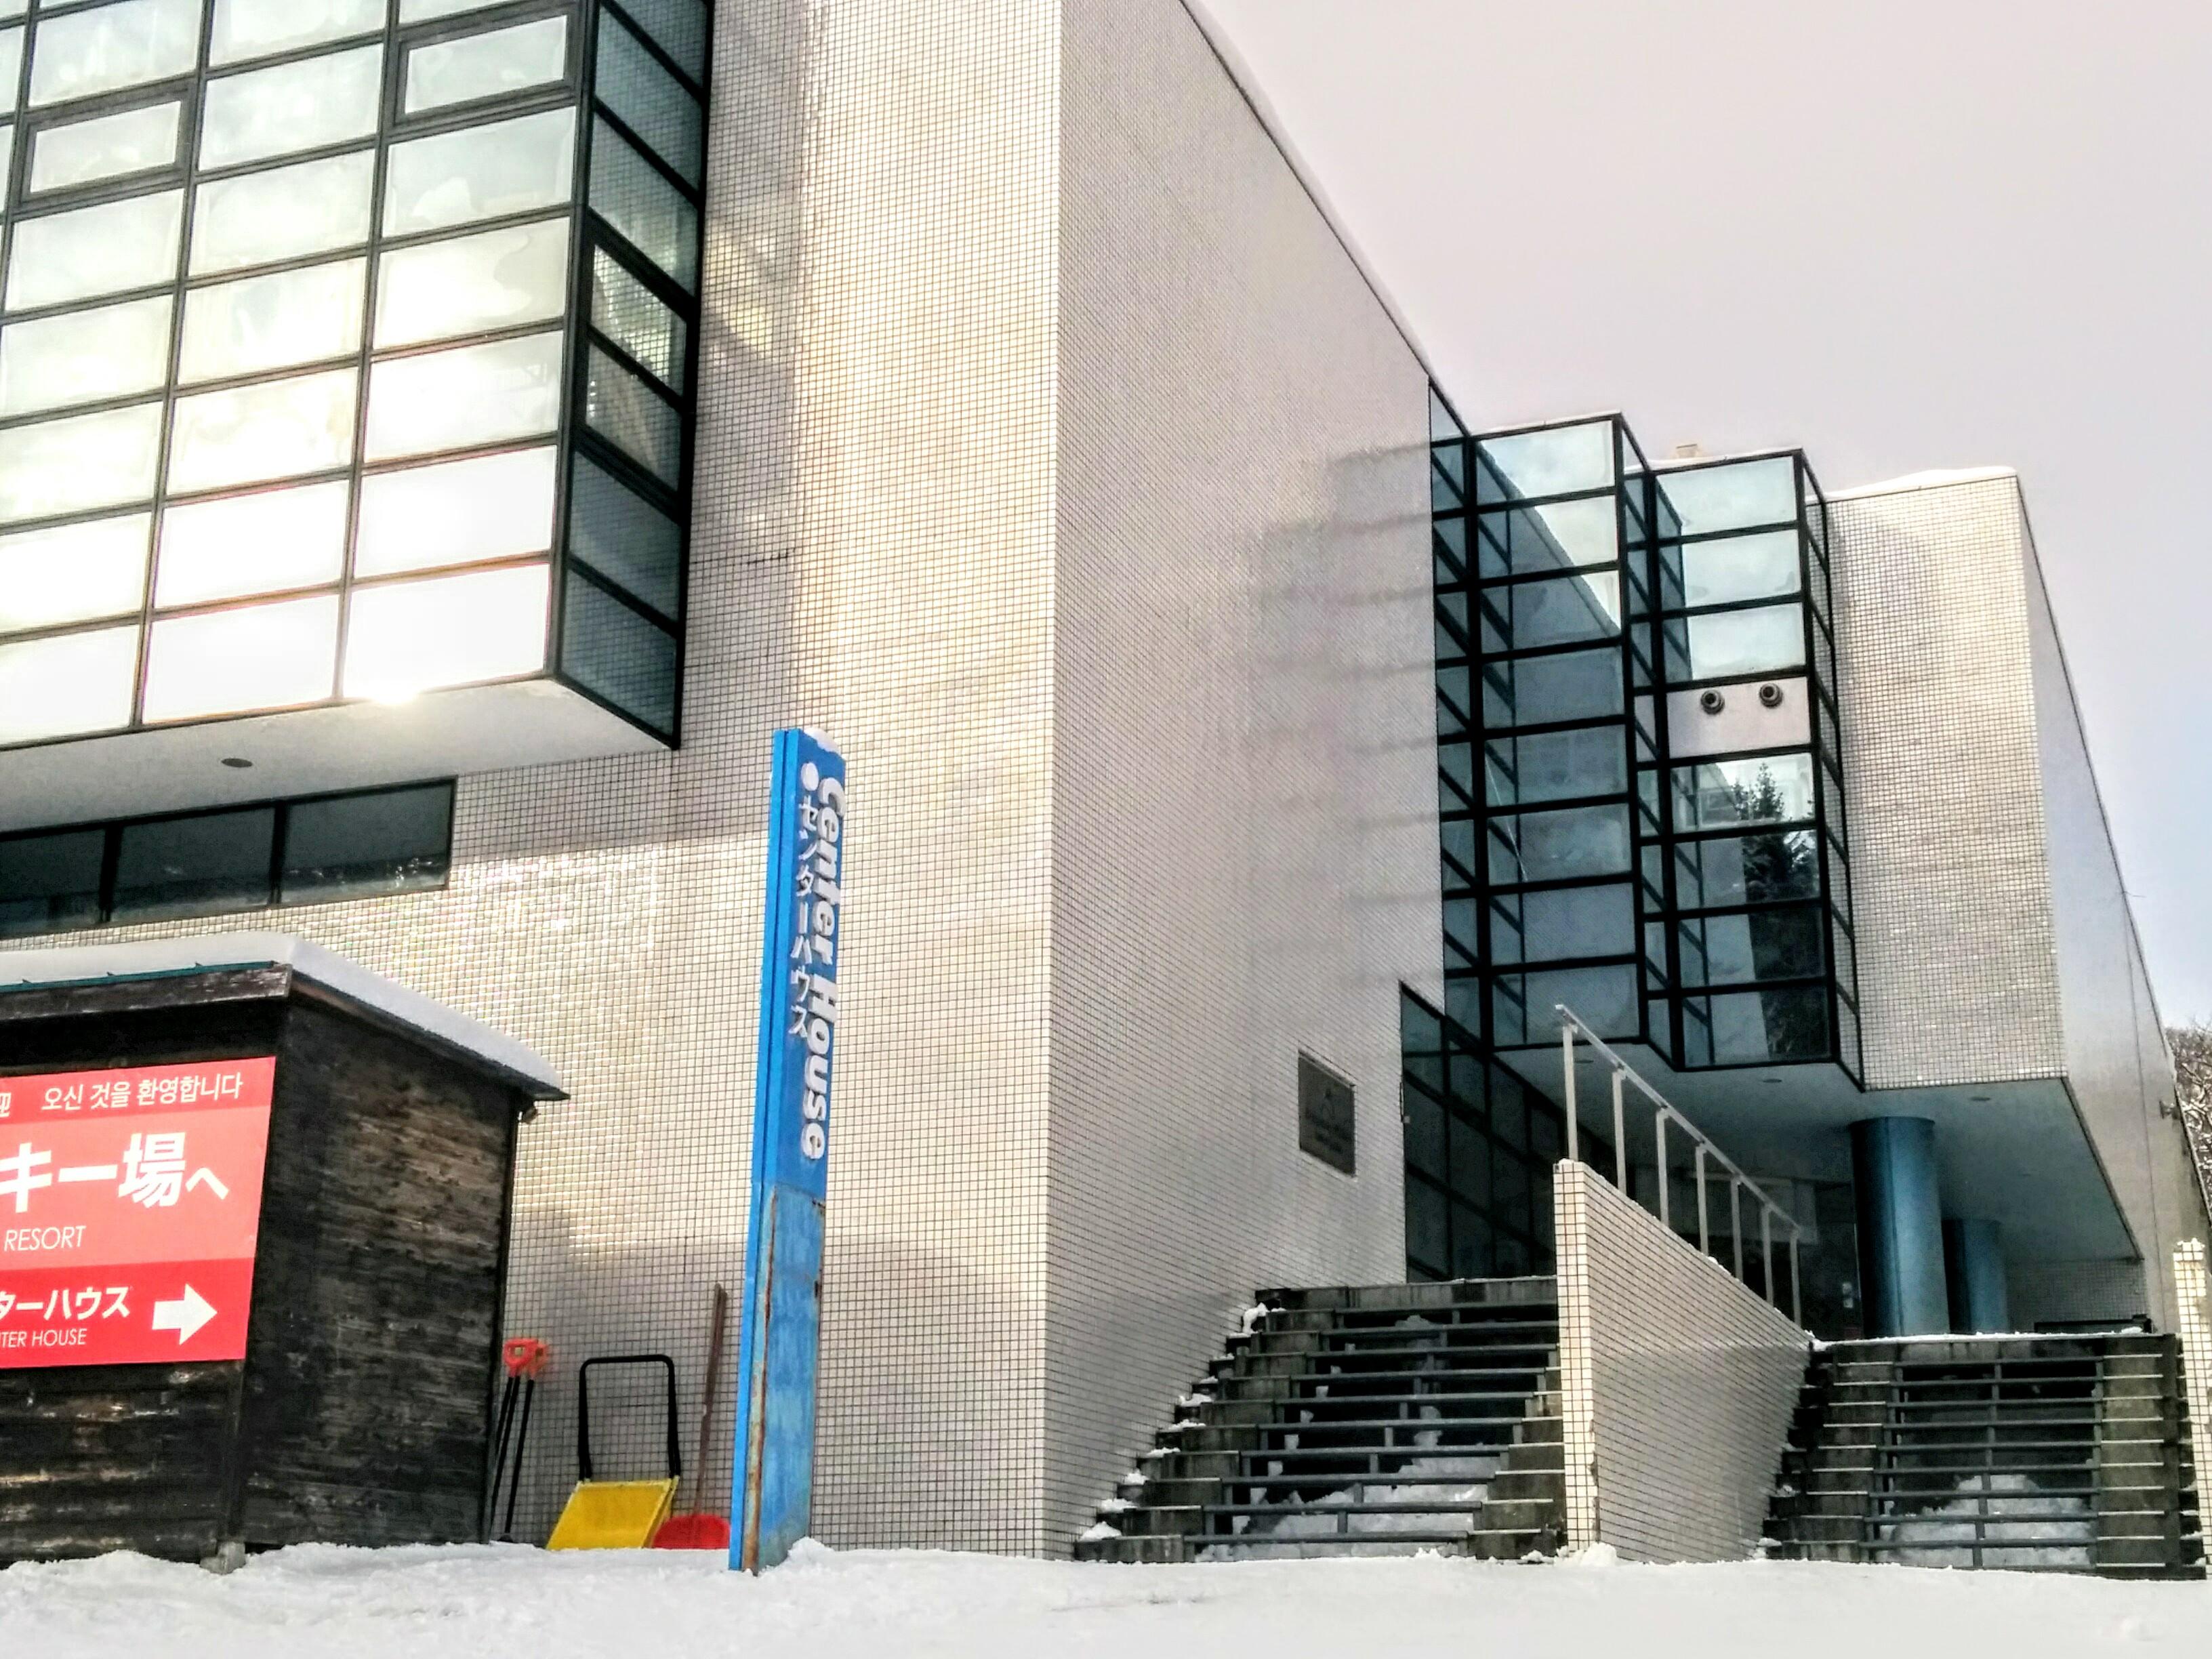 【小樽】朝里川温泉スキー場観光タクシー